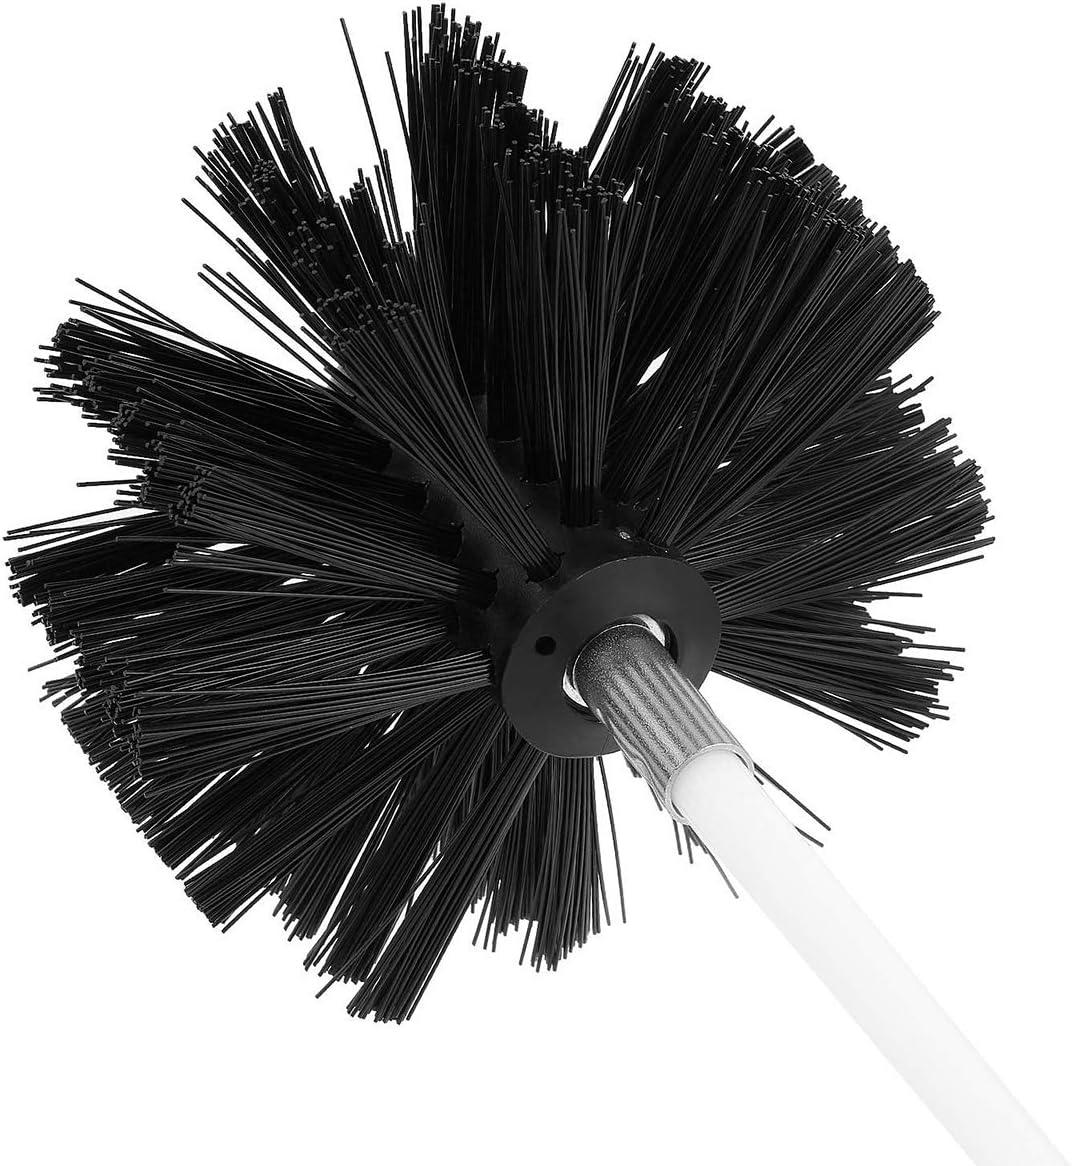 Gojiny Tubo de Limpieza de La Chimenea de Chimenea Conjunto de Cepillo de Barrido Kit de Limpieza de Conducto Seco Removedor de Pelusa